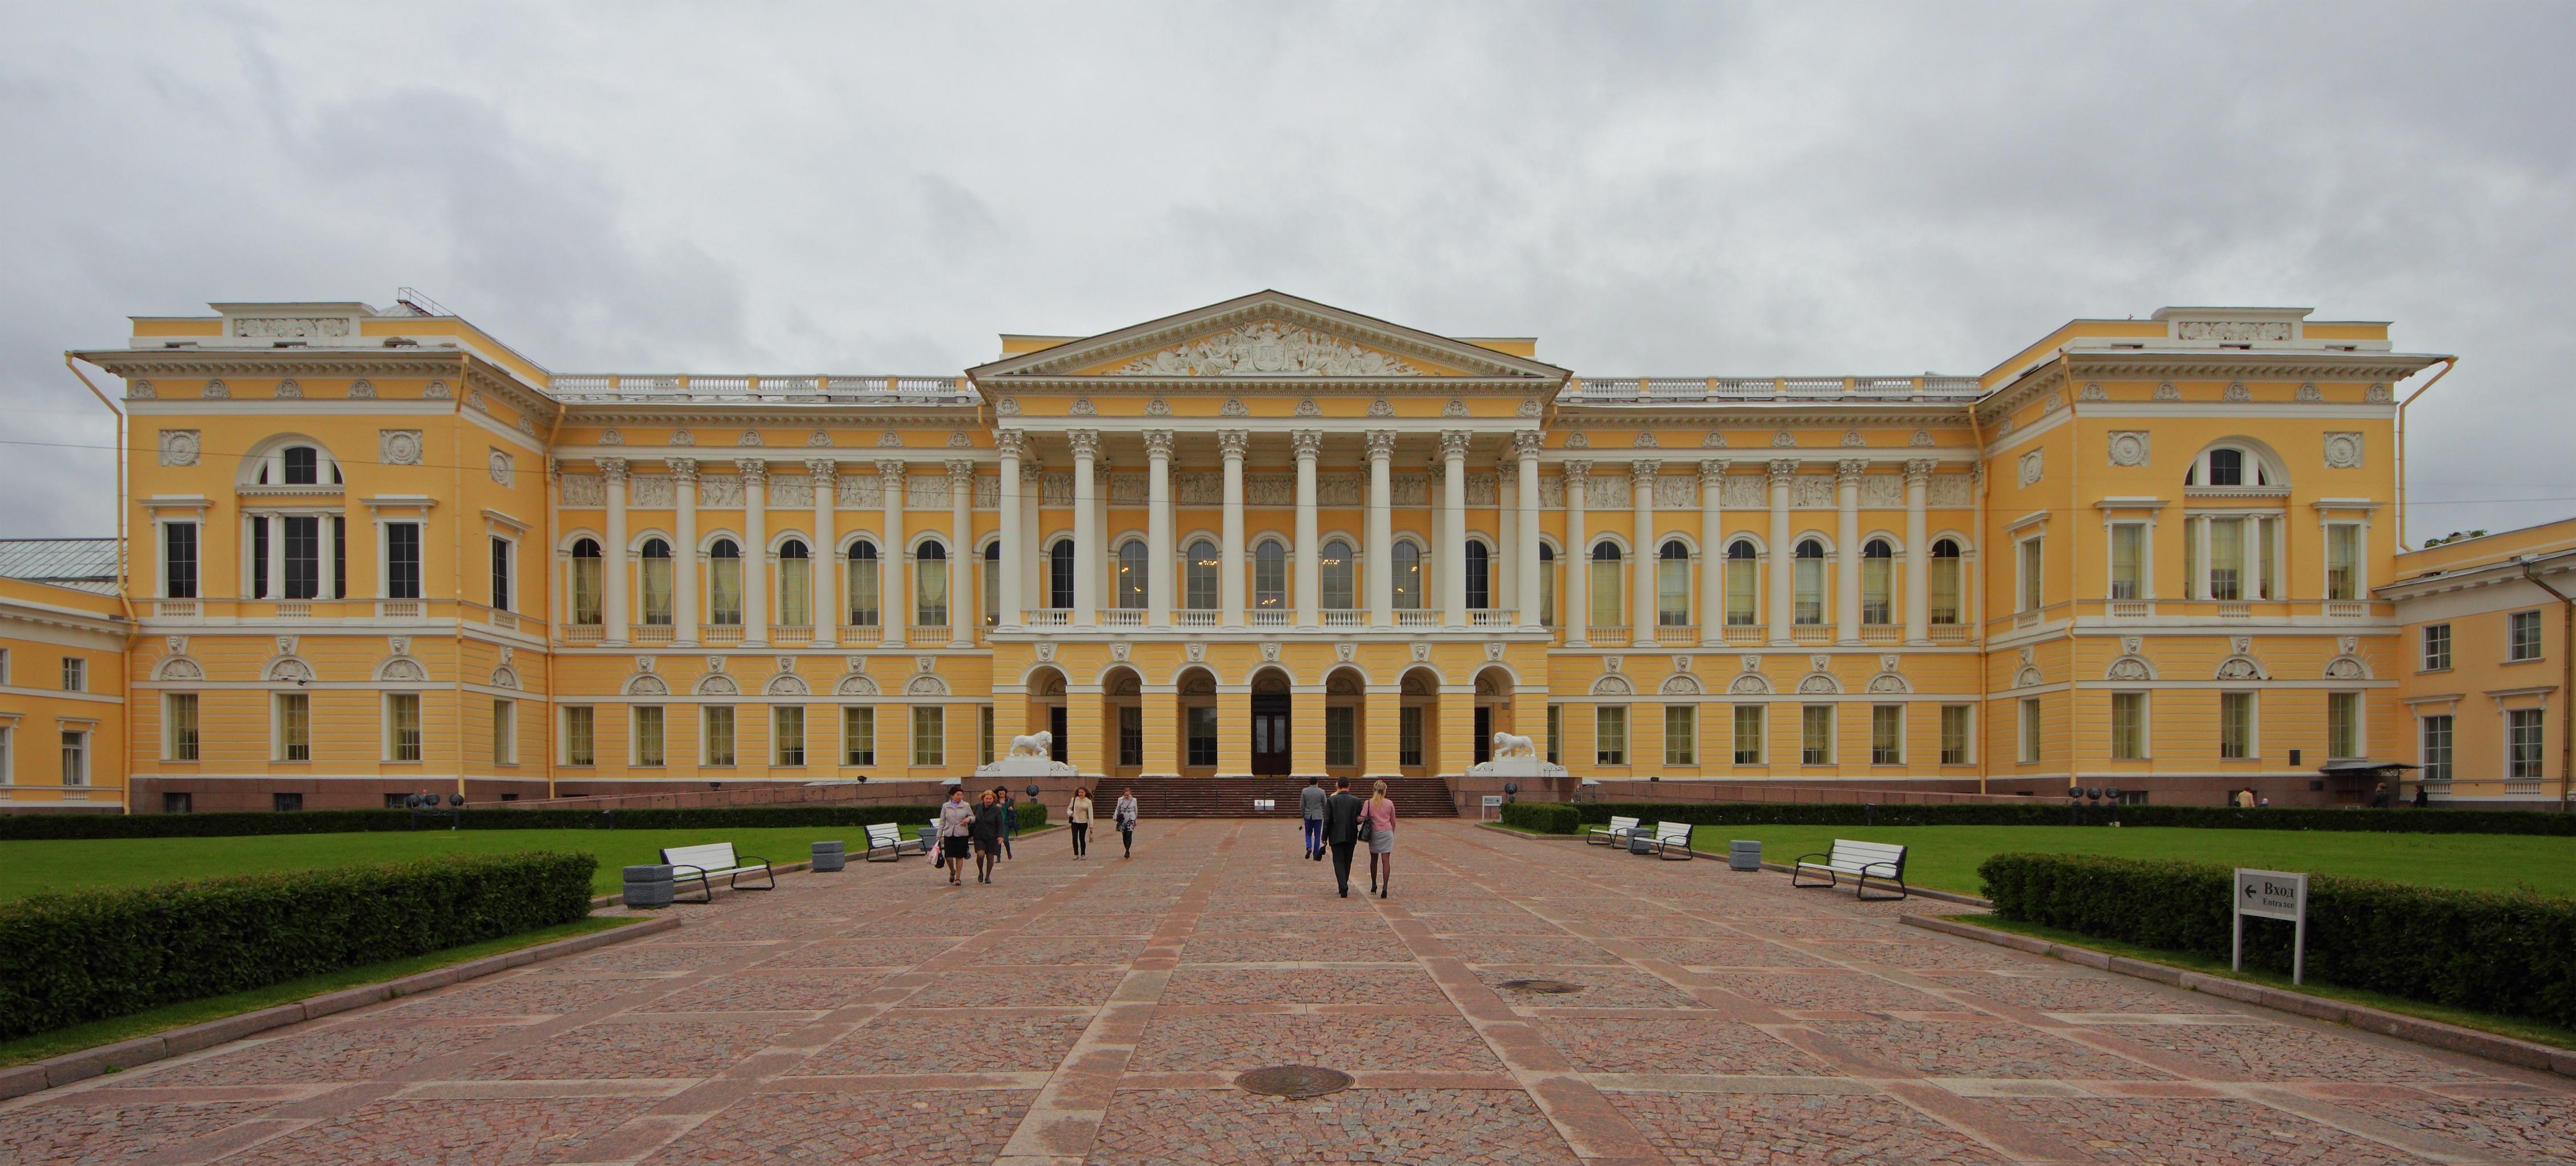 Русский музей билеты онлайн официальный сайт афиша кино восток в кемерово